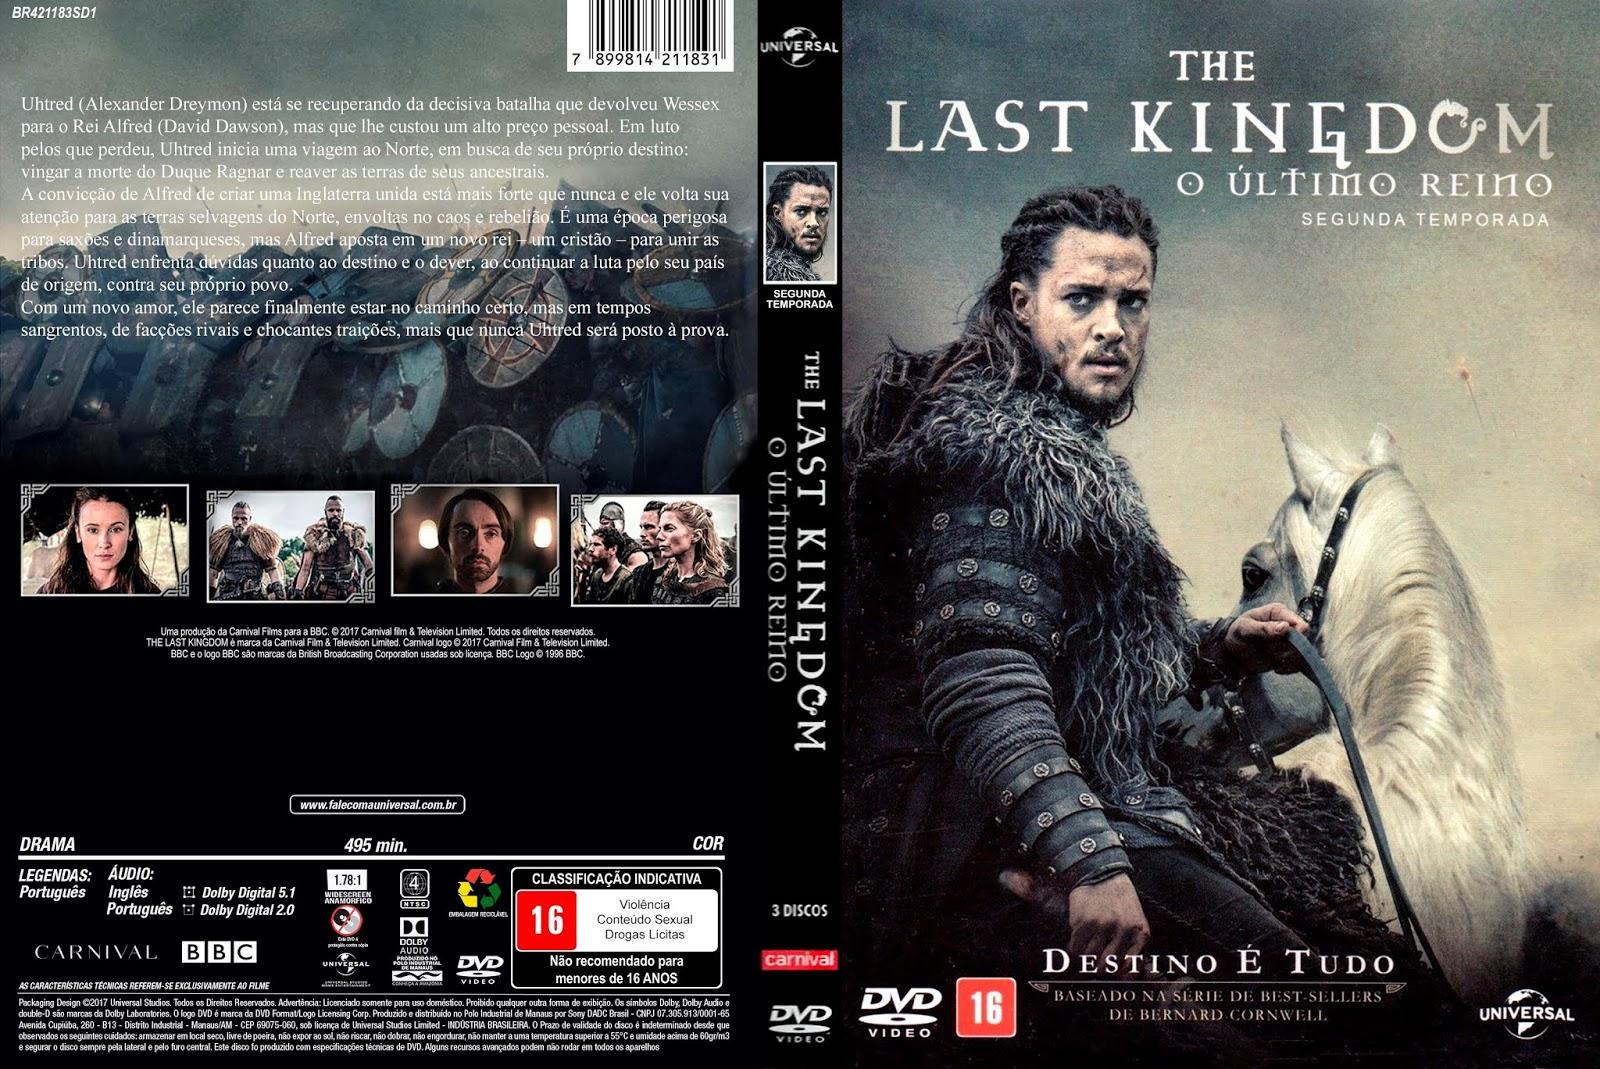 3 Temporada De The Last Kingdom mundo das capas bj: capa-dvd-the last kingdom - o ultimo